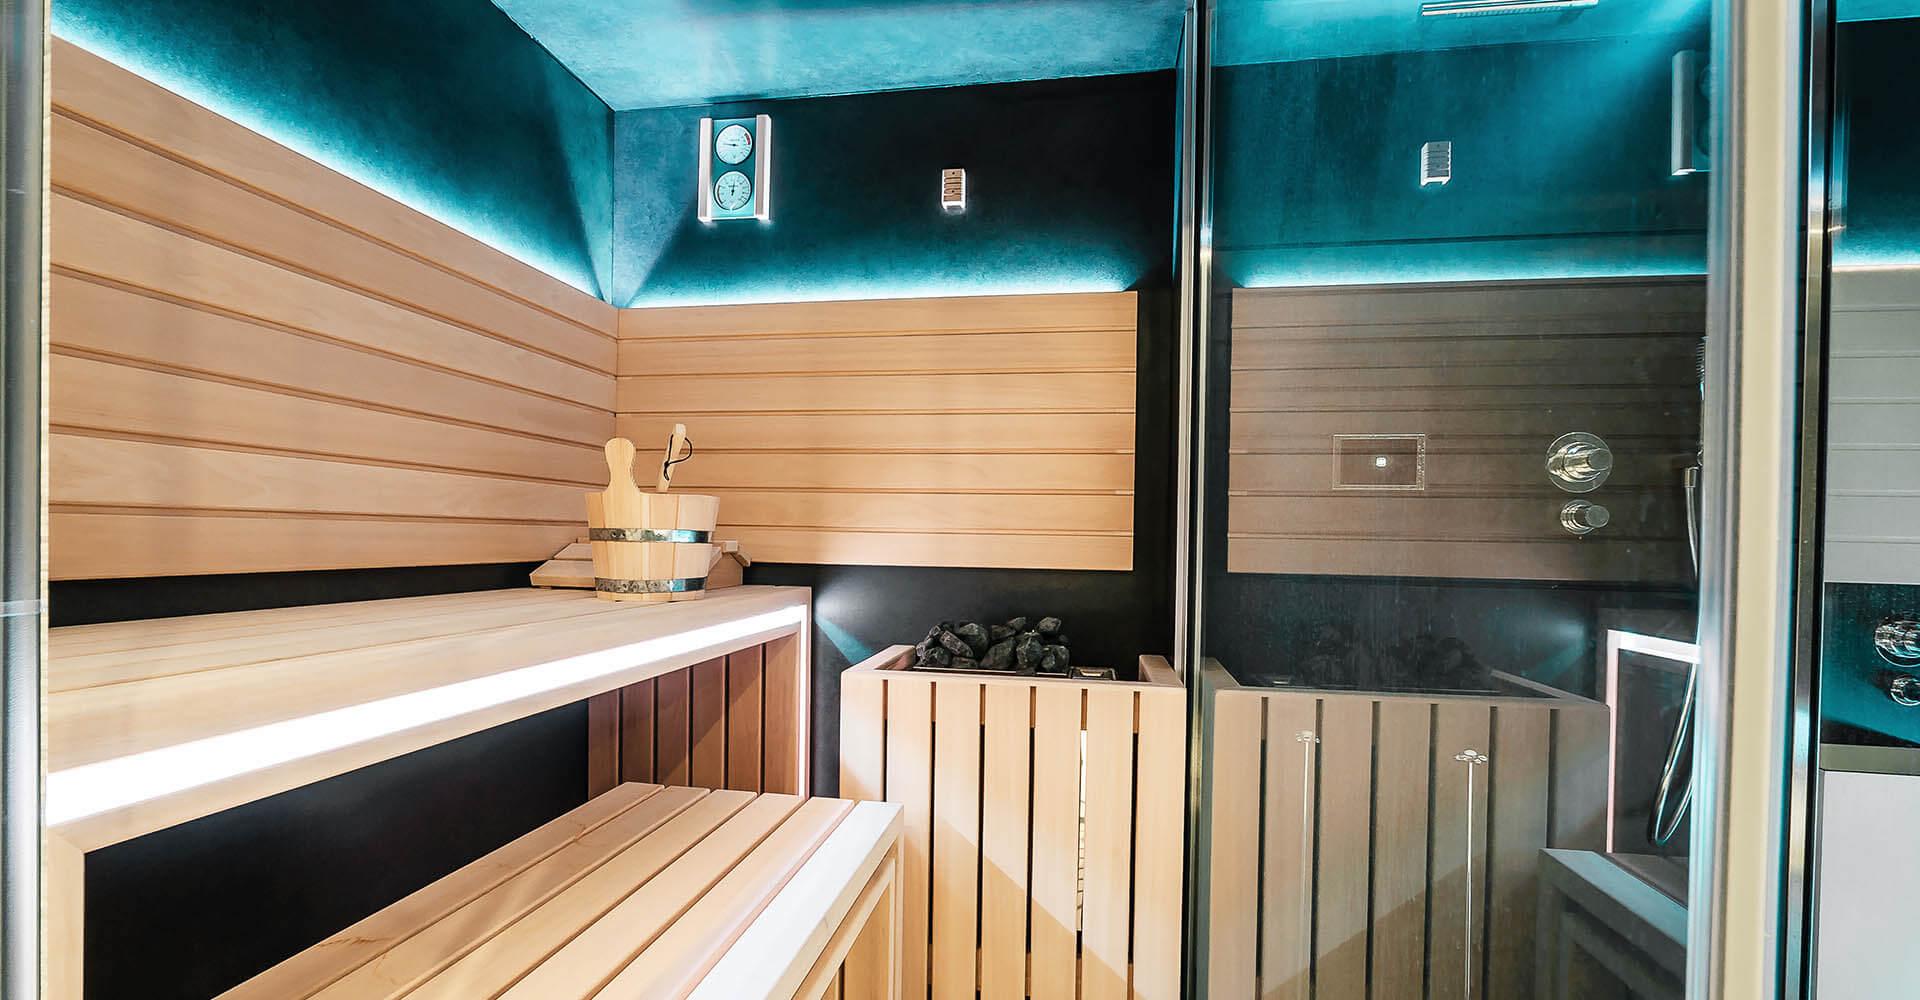 Sauna Zuhause mit blauer Beleuchtung bzw. Infrarotlicht